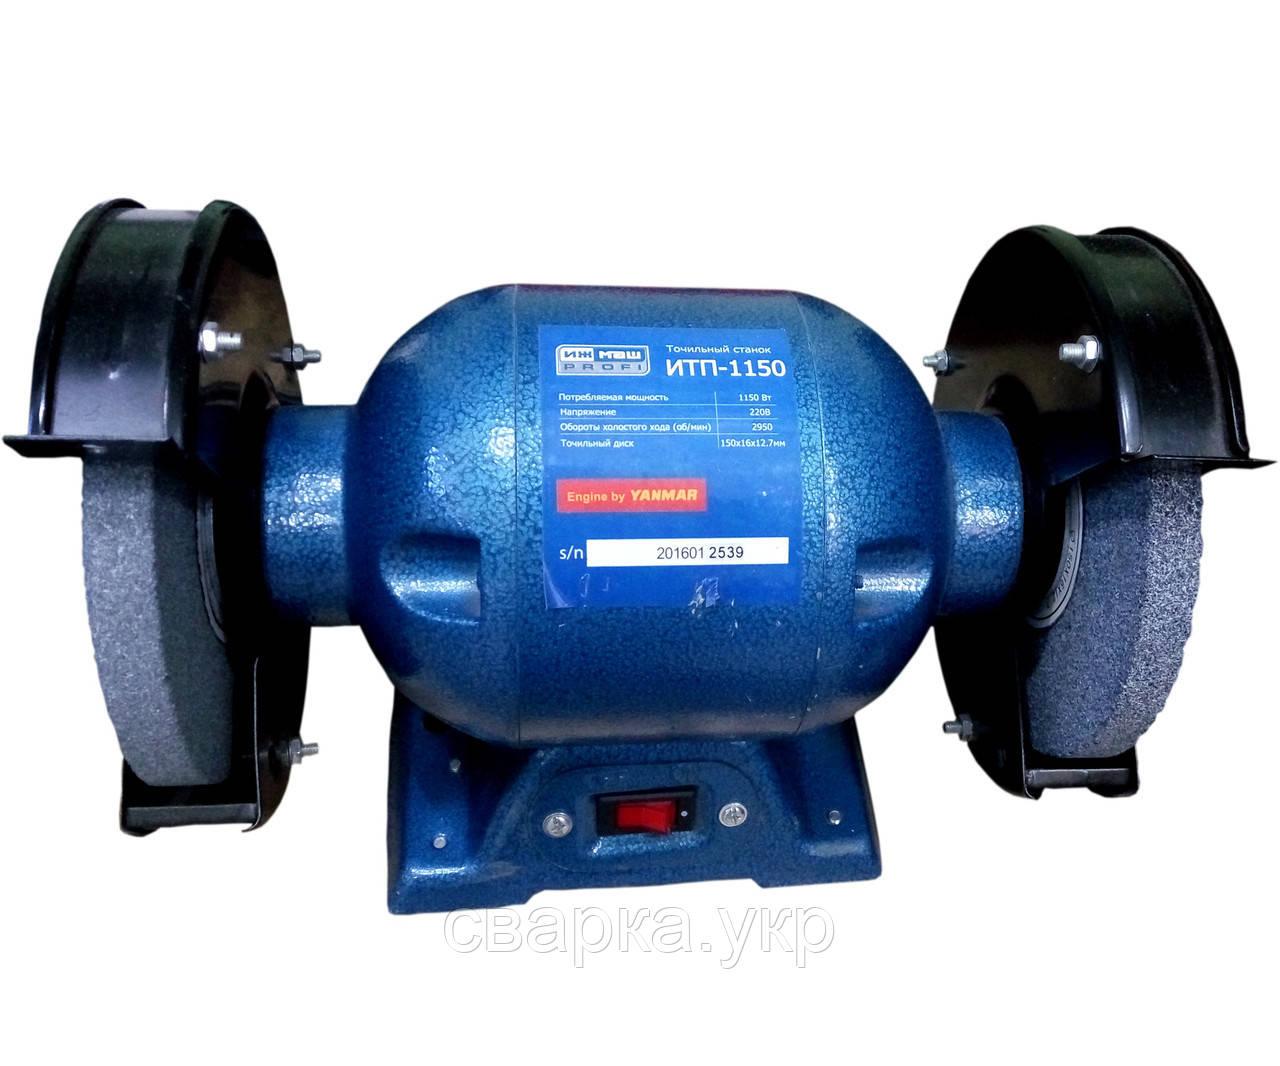 Точильний верстат Іжмаш ІТП-1150